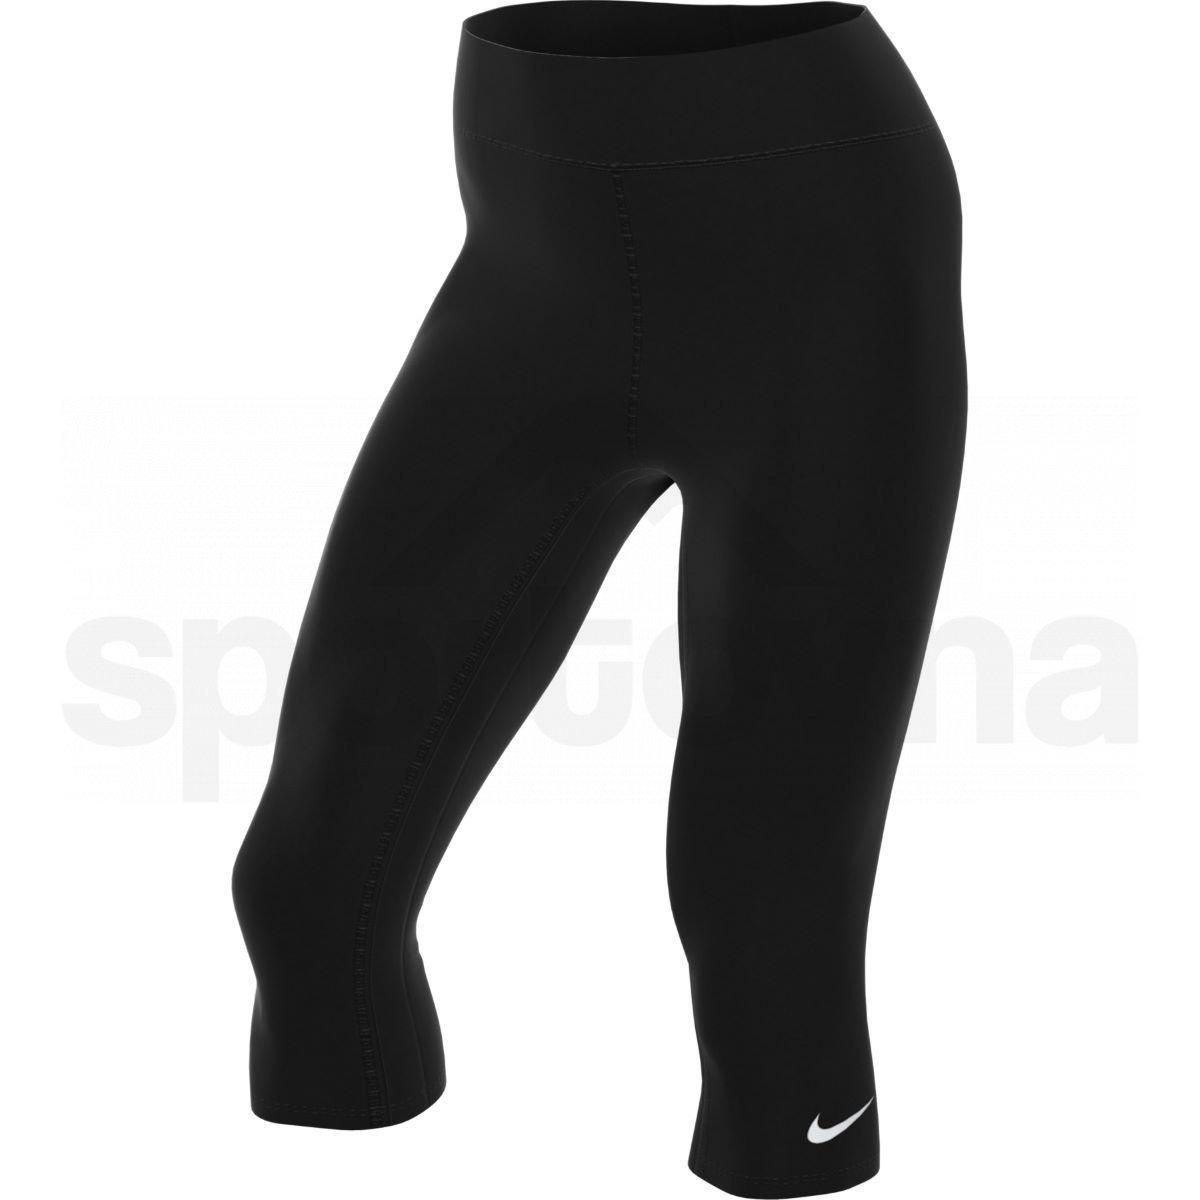 nike-one-damen-leggings-black-white-dd0245-010-6-921773